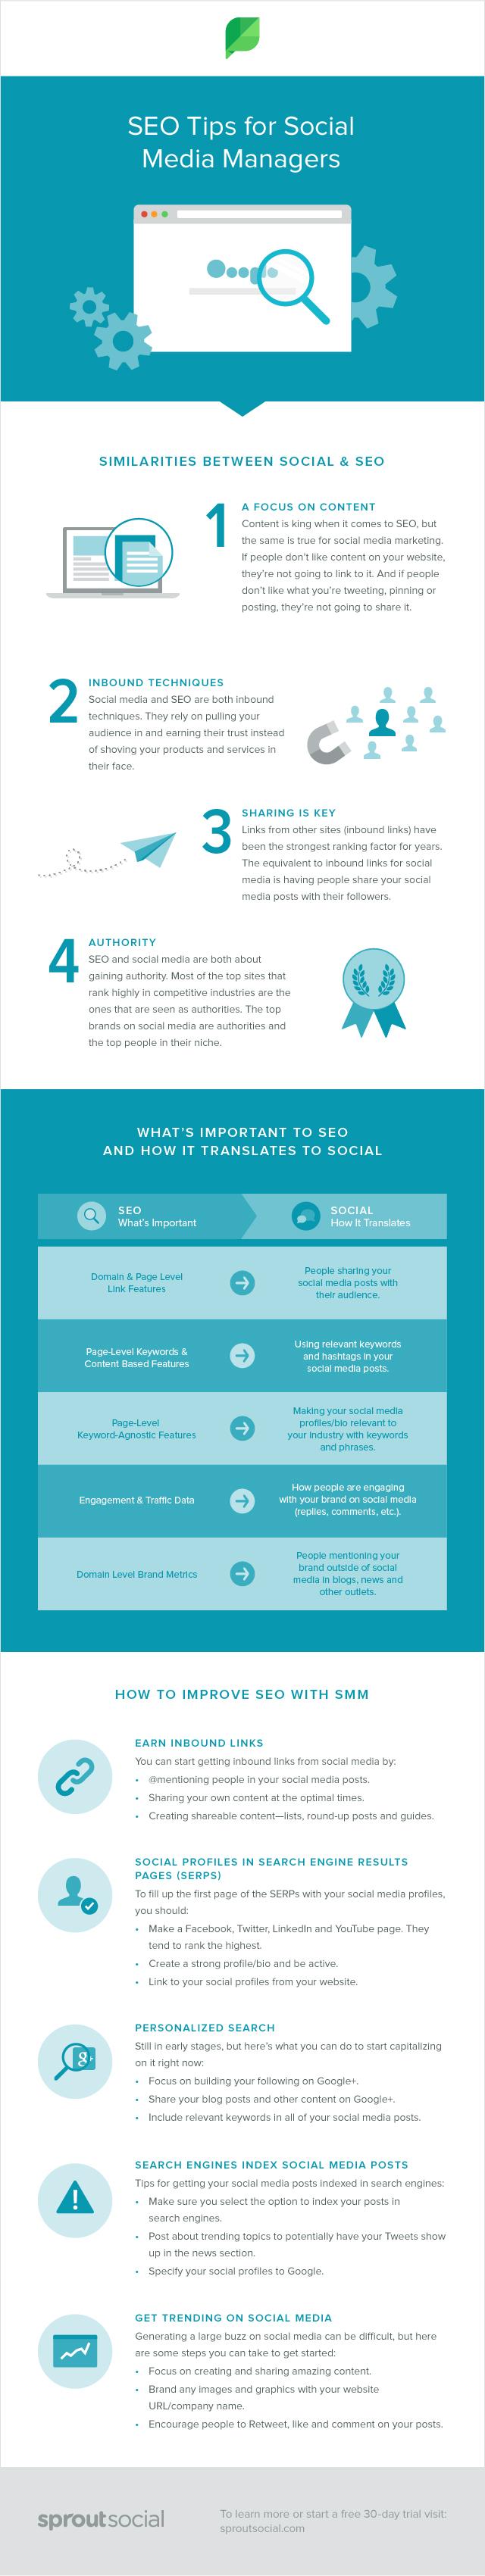 Conseils SEO 5 façons d'améliorer votre présence Google Utiliser les médias sociaux